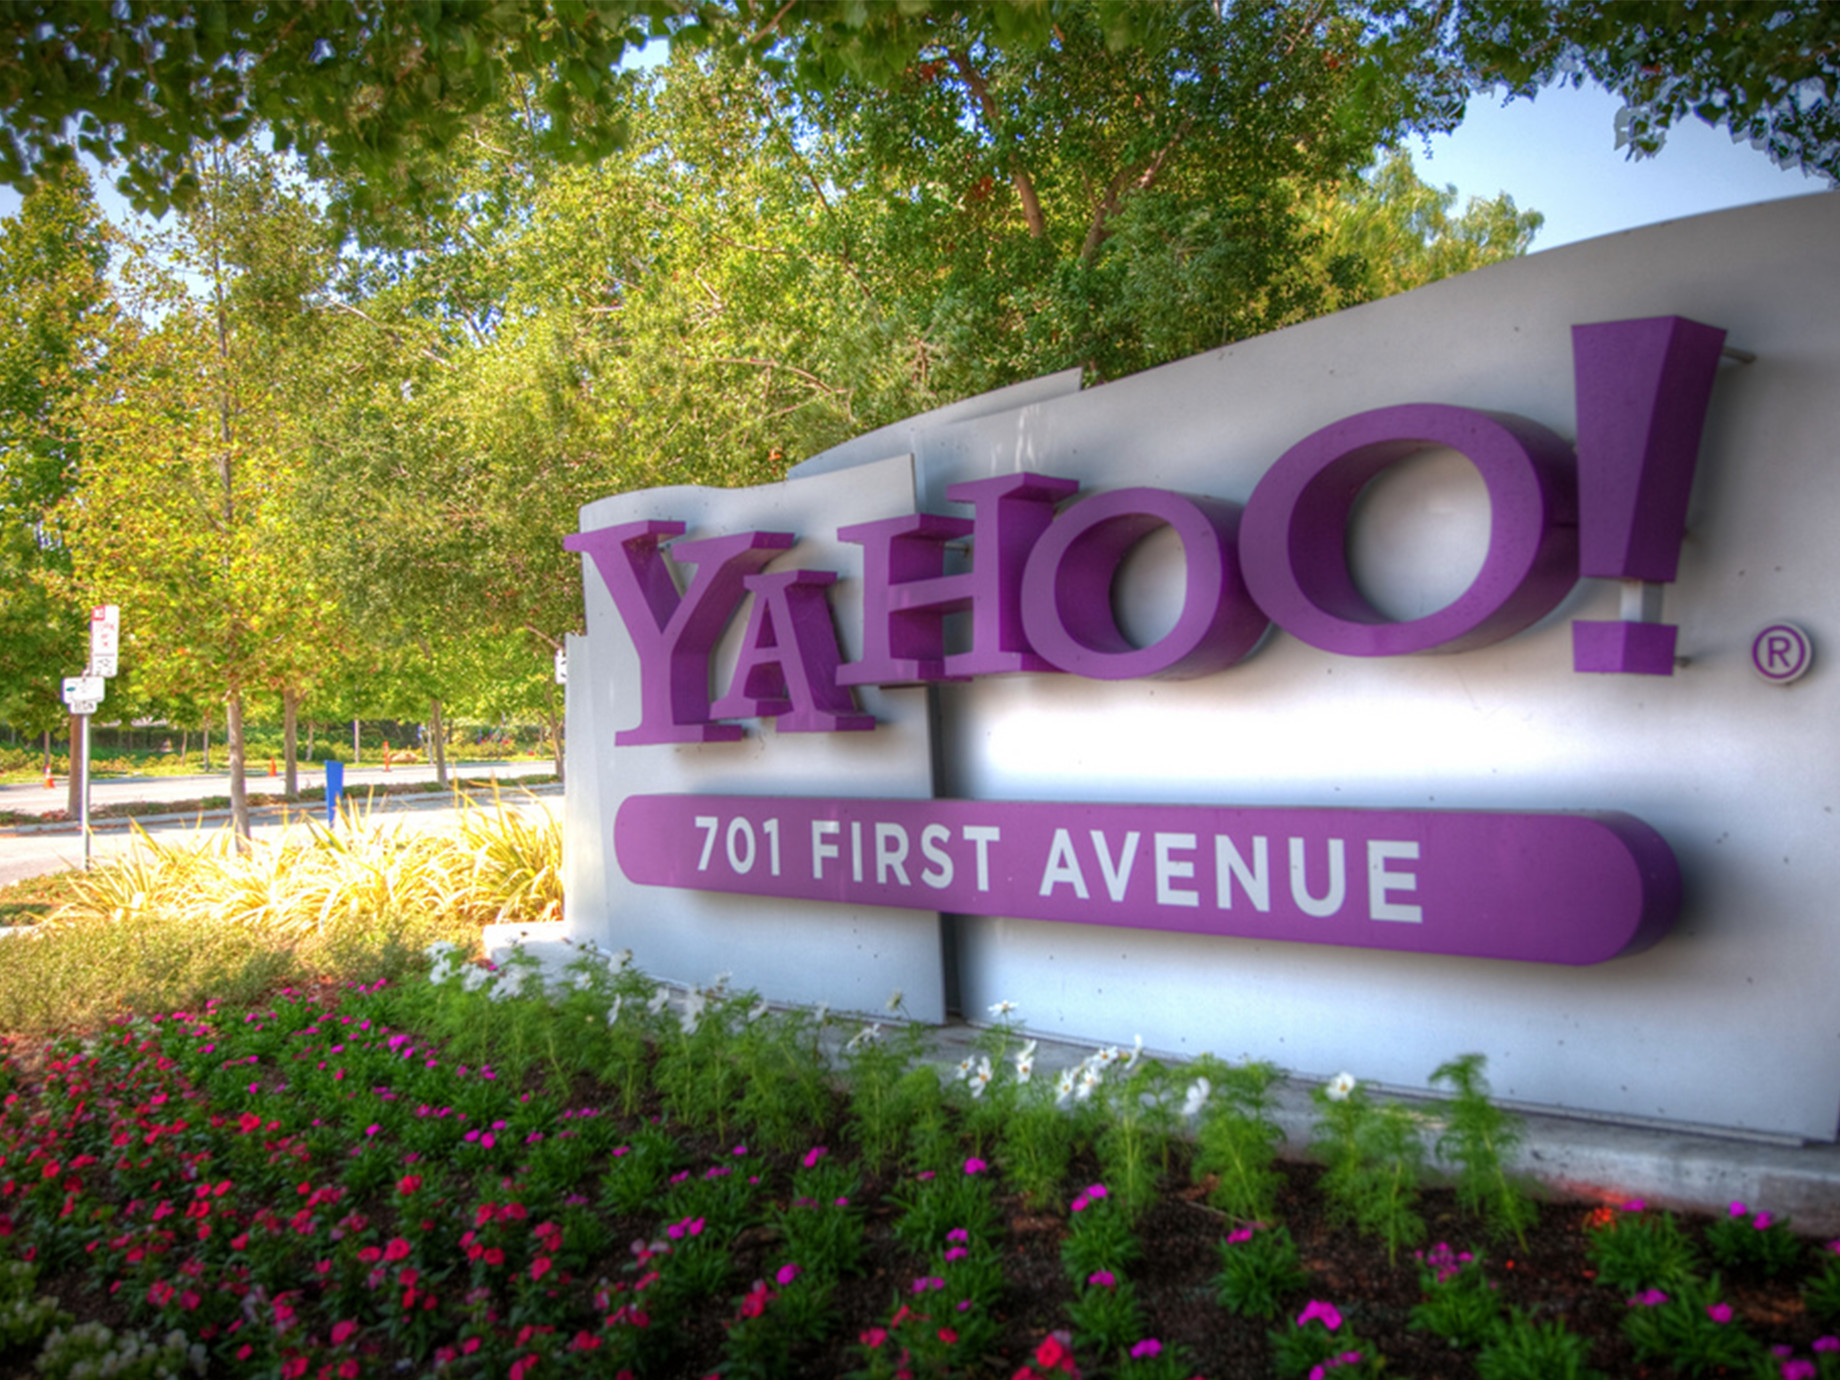 Yahoo合併案今夏完成,新公司名稱叫「Oath」